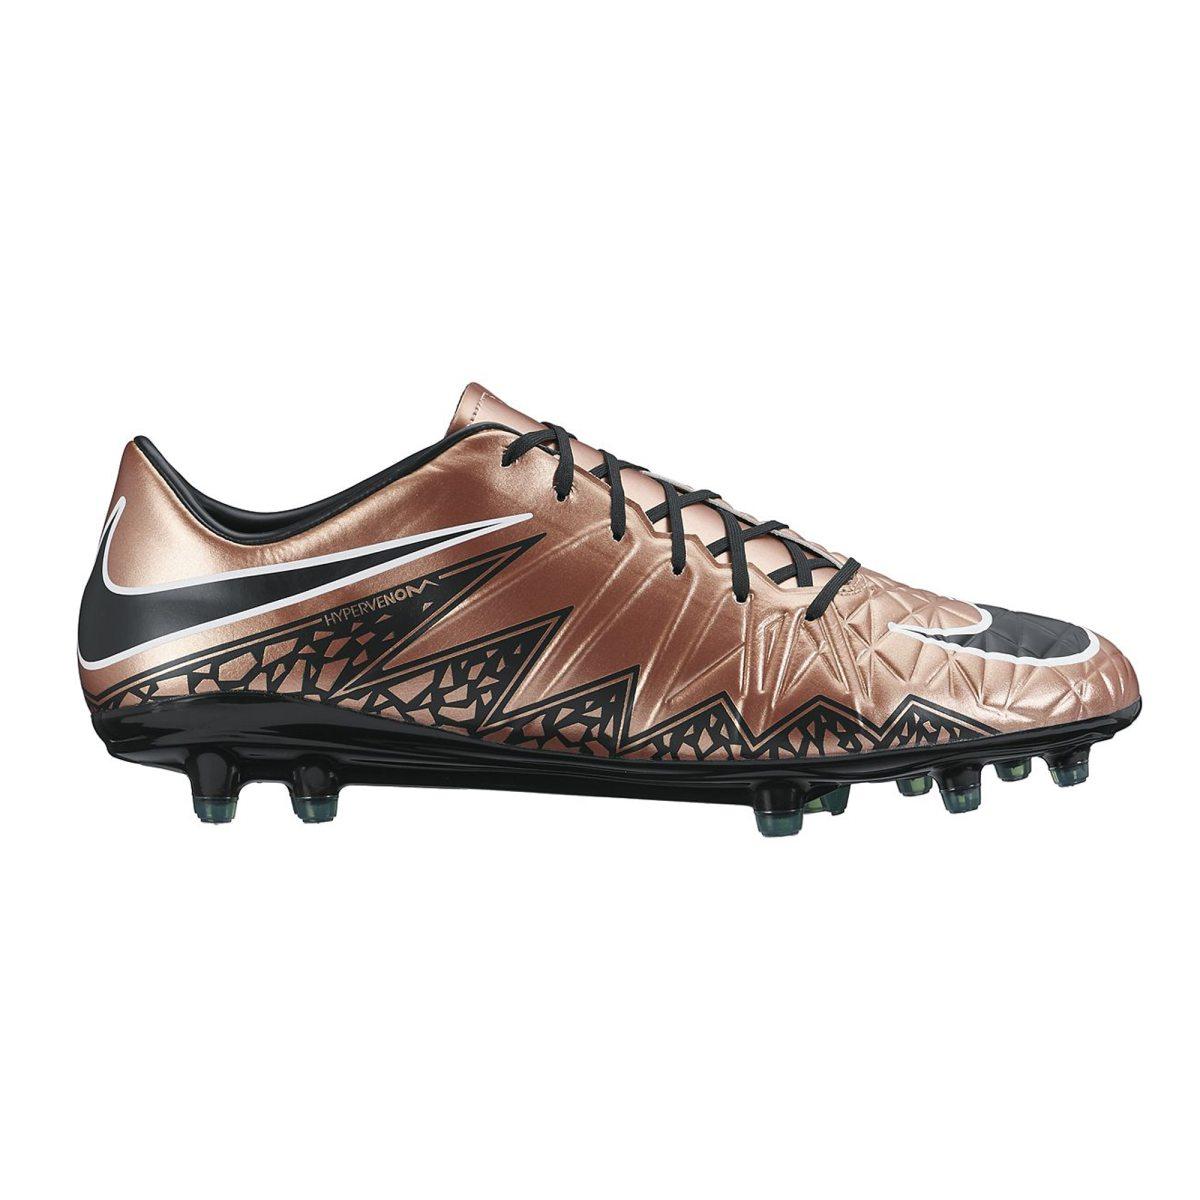 competitive price d2c70 62ba0 nike hypervenom phatal ii fg q1 16 fotbollssko senior fotbollsskor